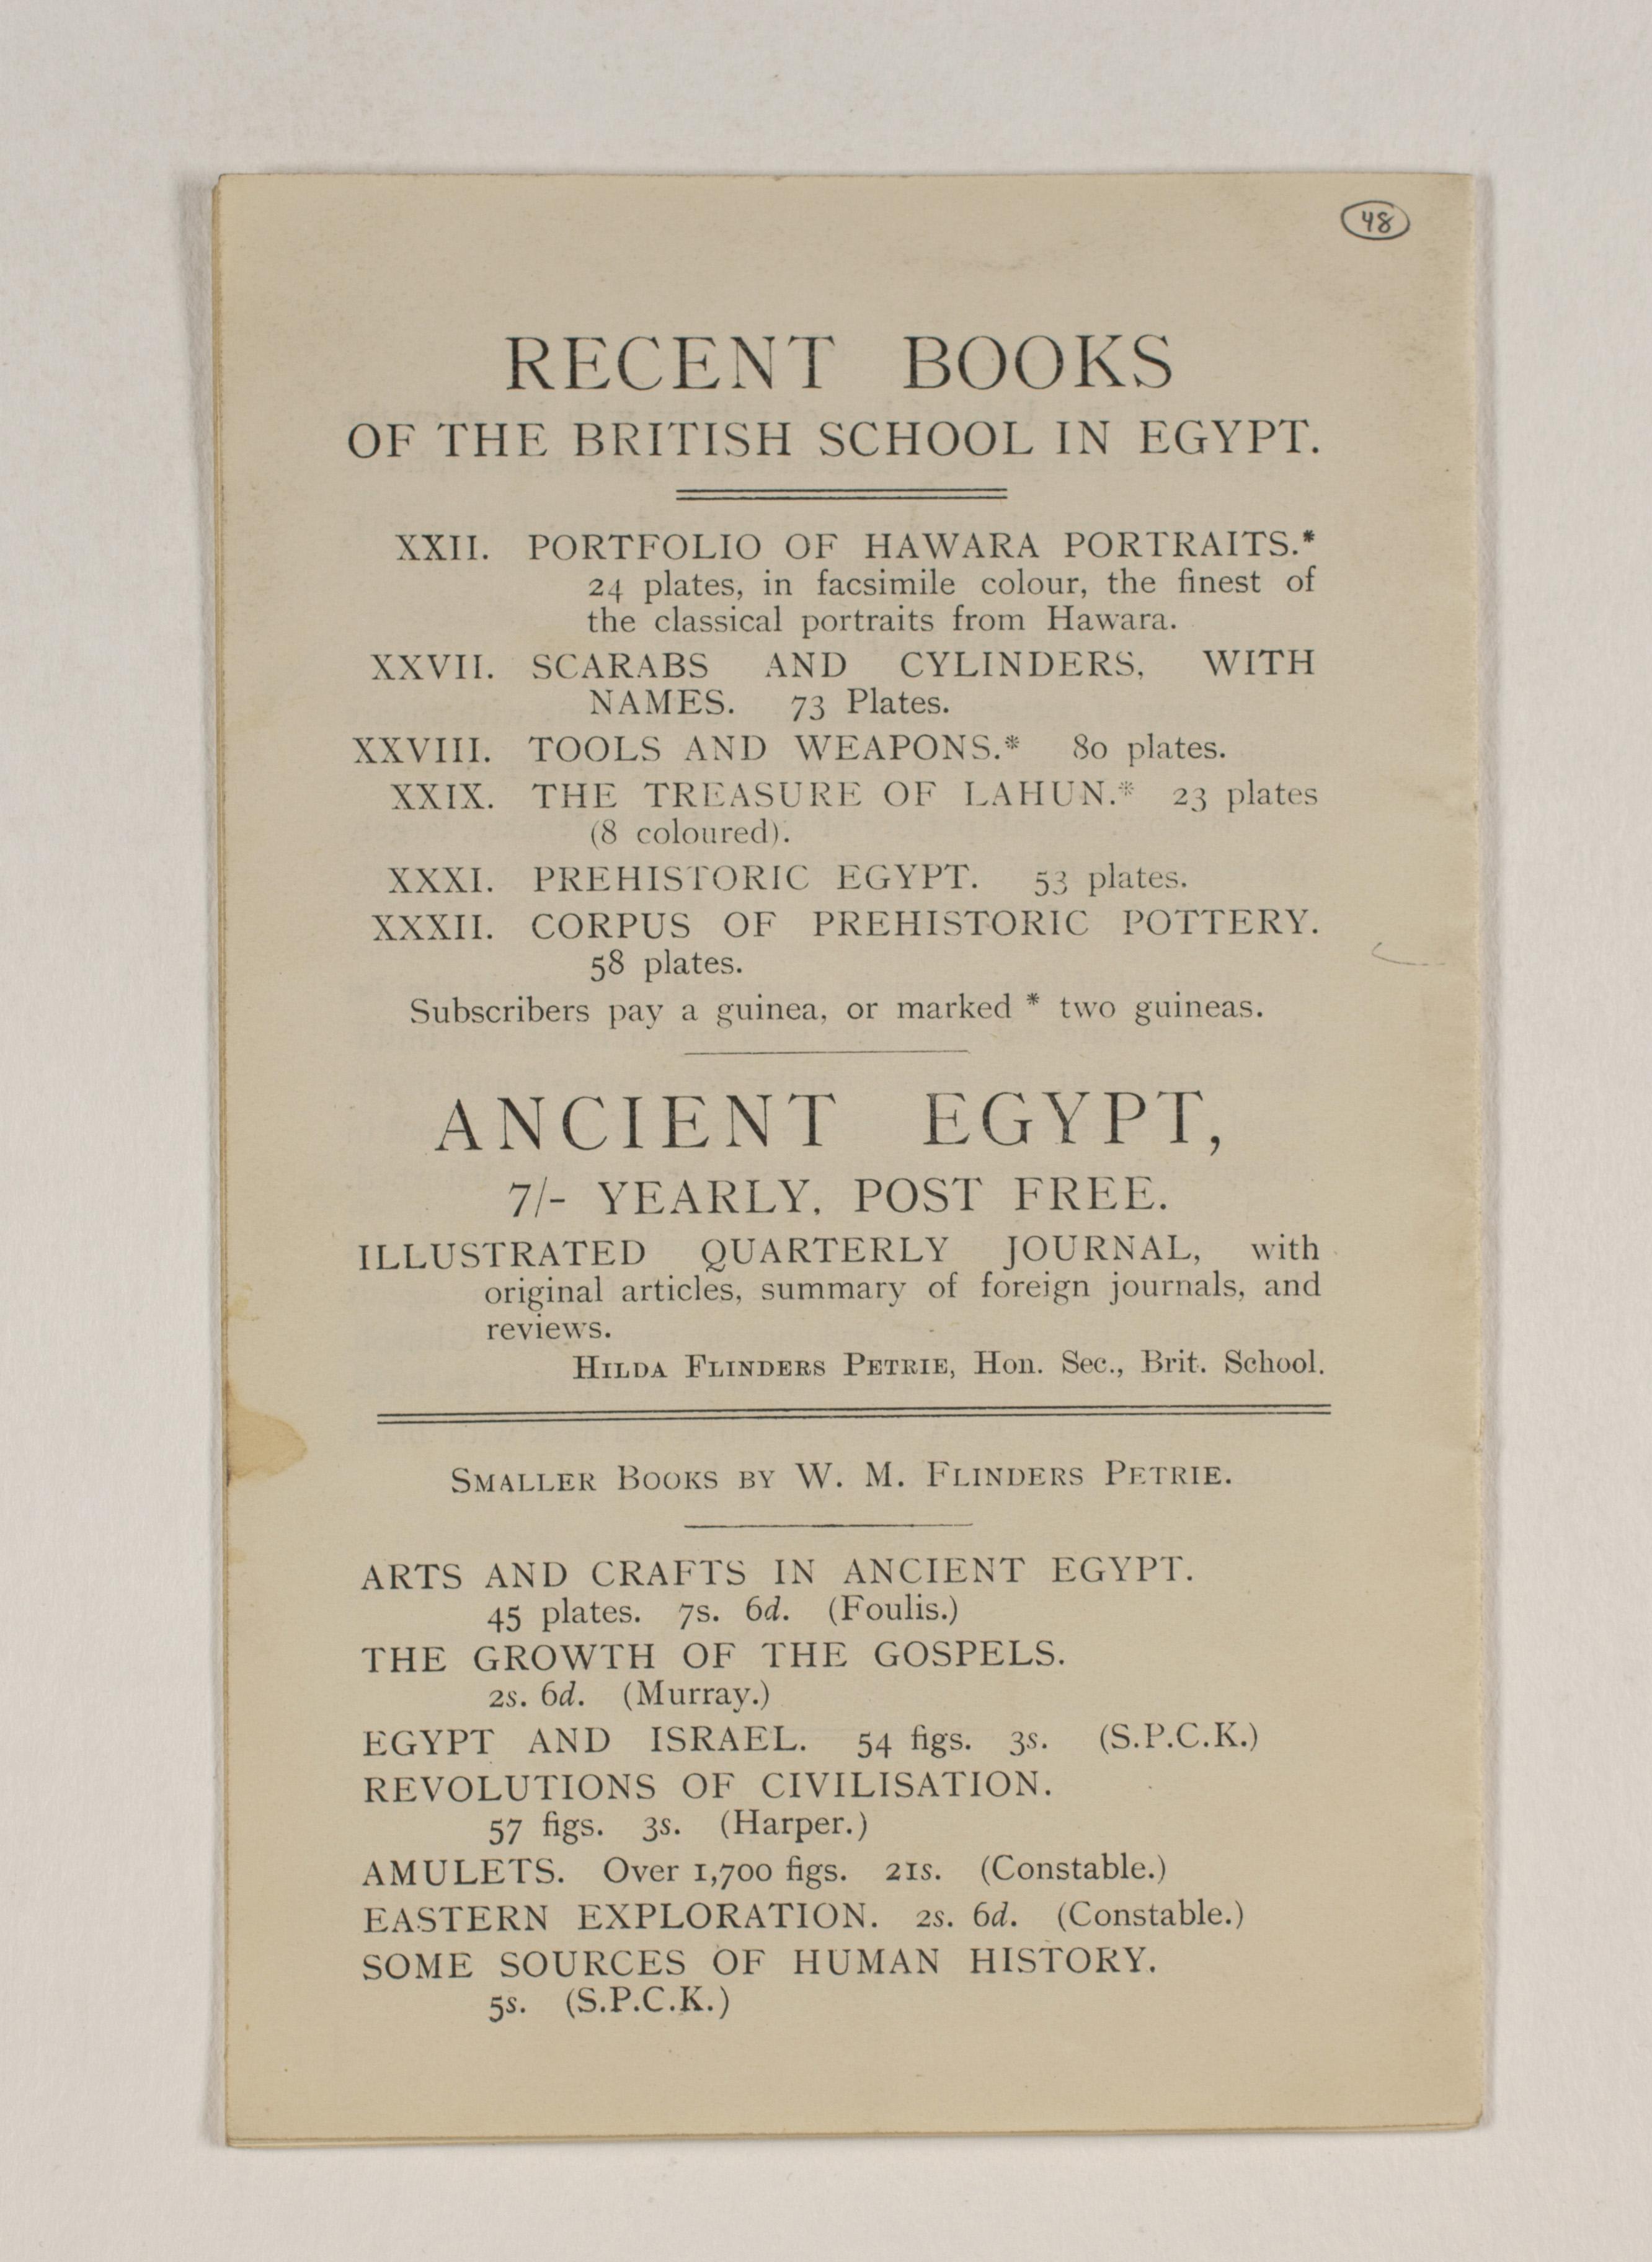 1919-21 Sedment, Lahun Exhibition catalogue PMA/WFP1/D/24/48.9